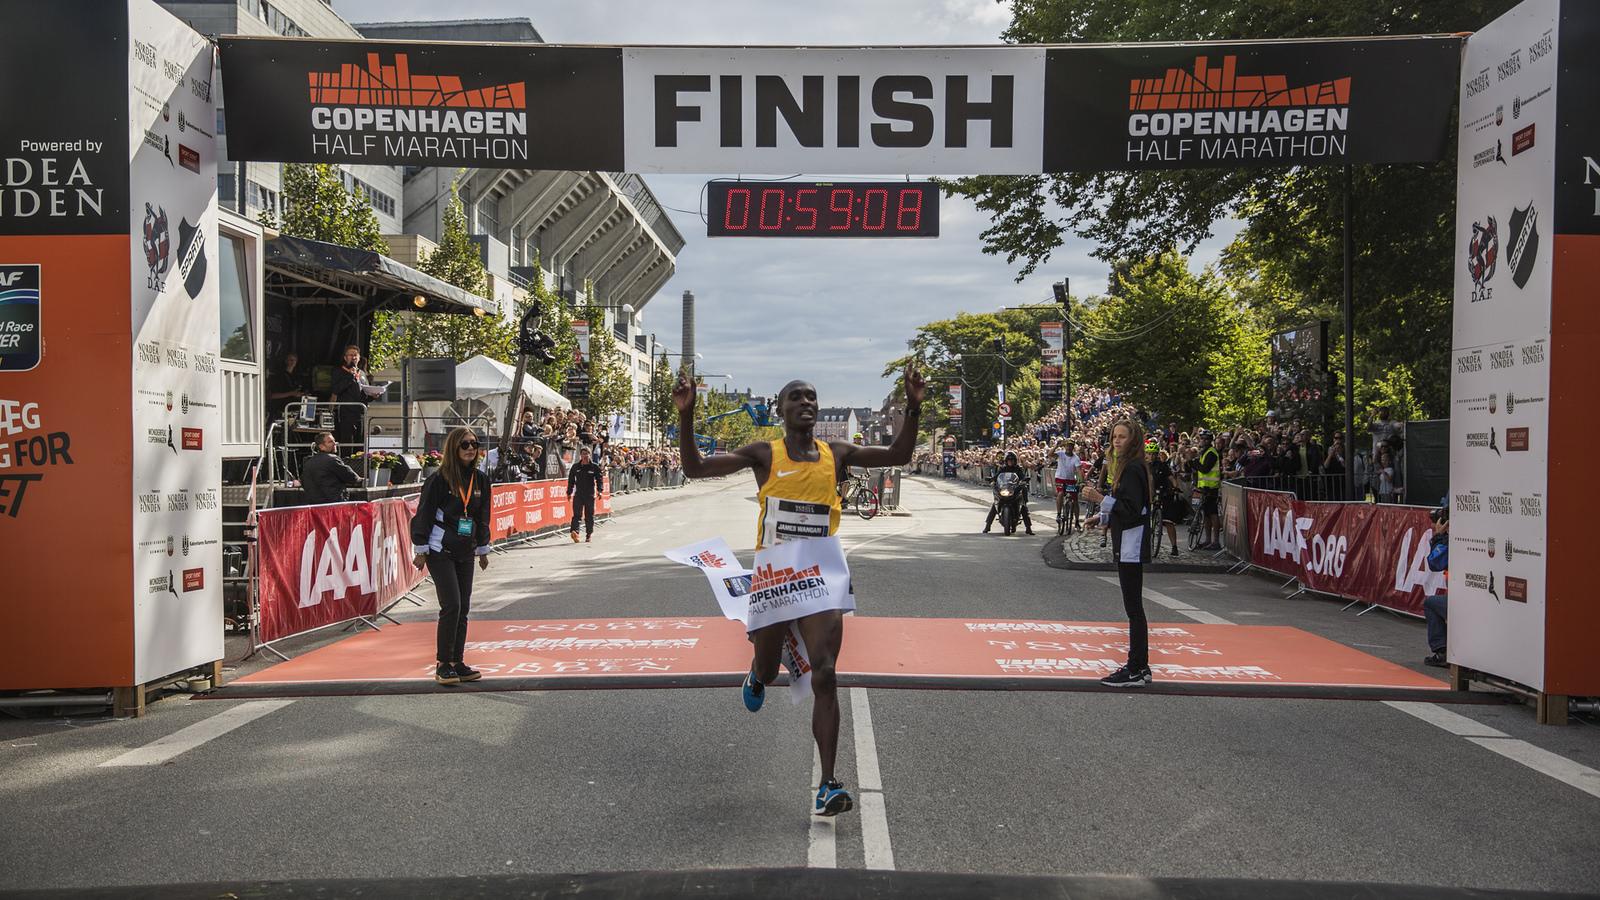 Copenhagen Half Marathon 2016 - winner James Mwangi Wangari x.jpg